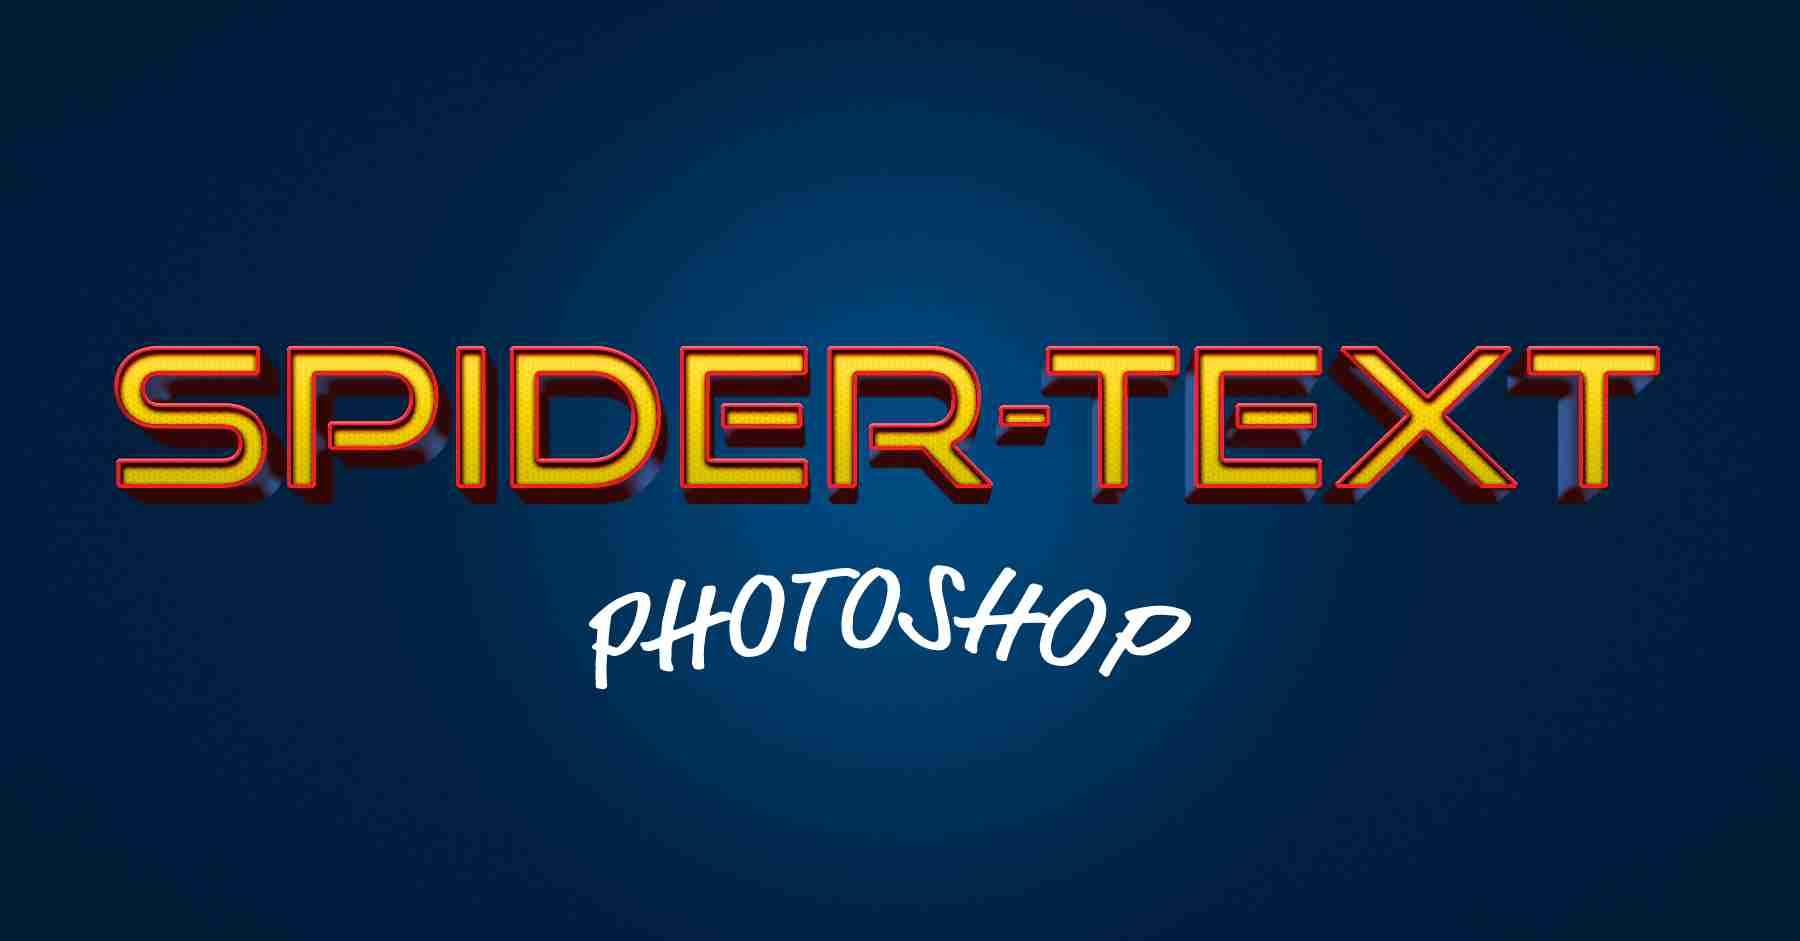 Spider-Man text effect in Photoshop